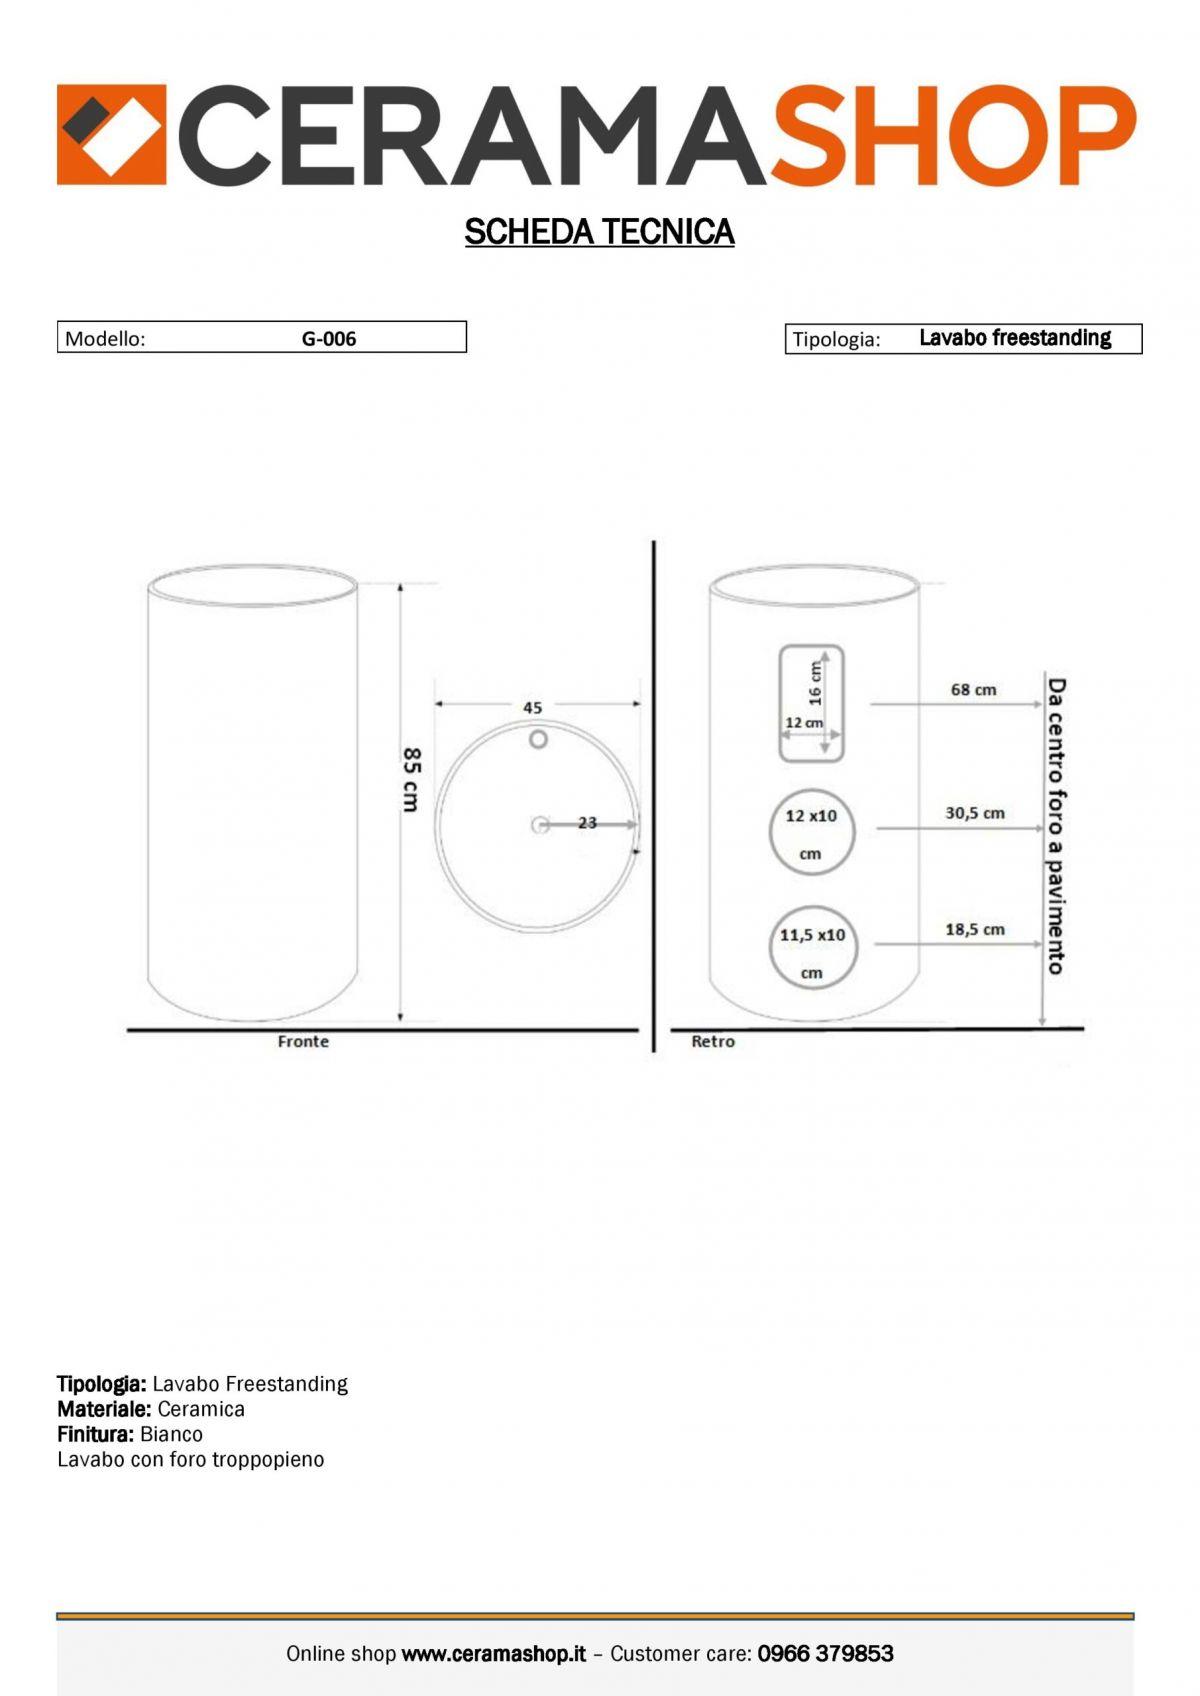 G 006 0001 scaled Lavabo freestanding cod G-006 in ceramica di forma rettangolare col bianco lucido